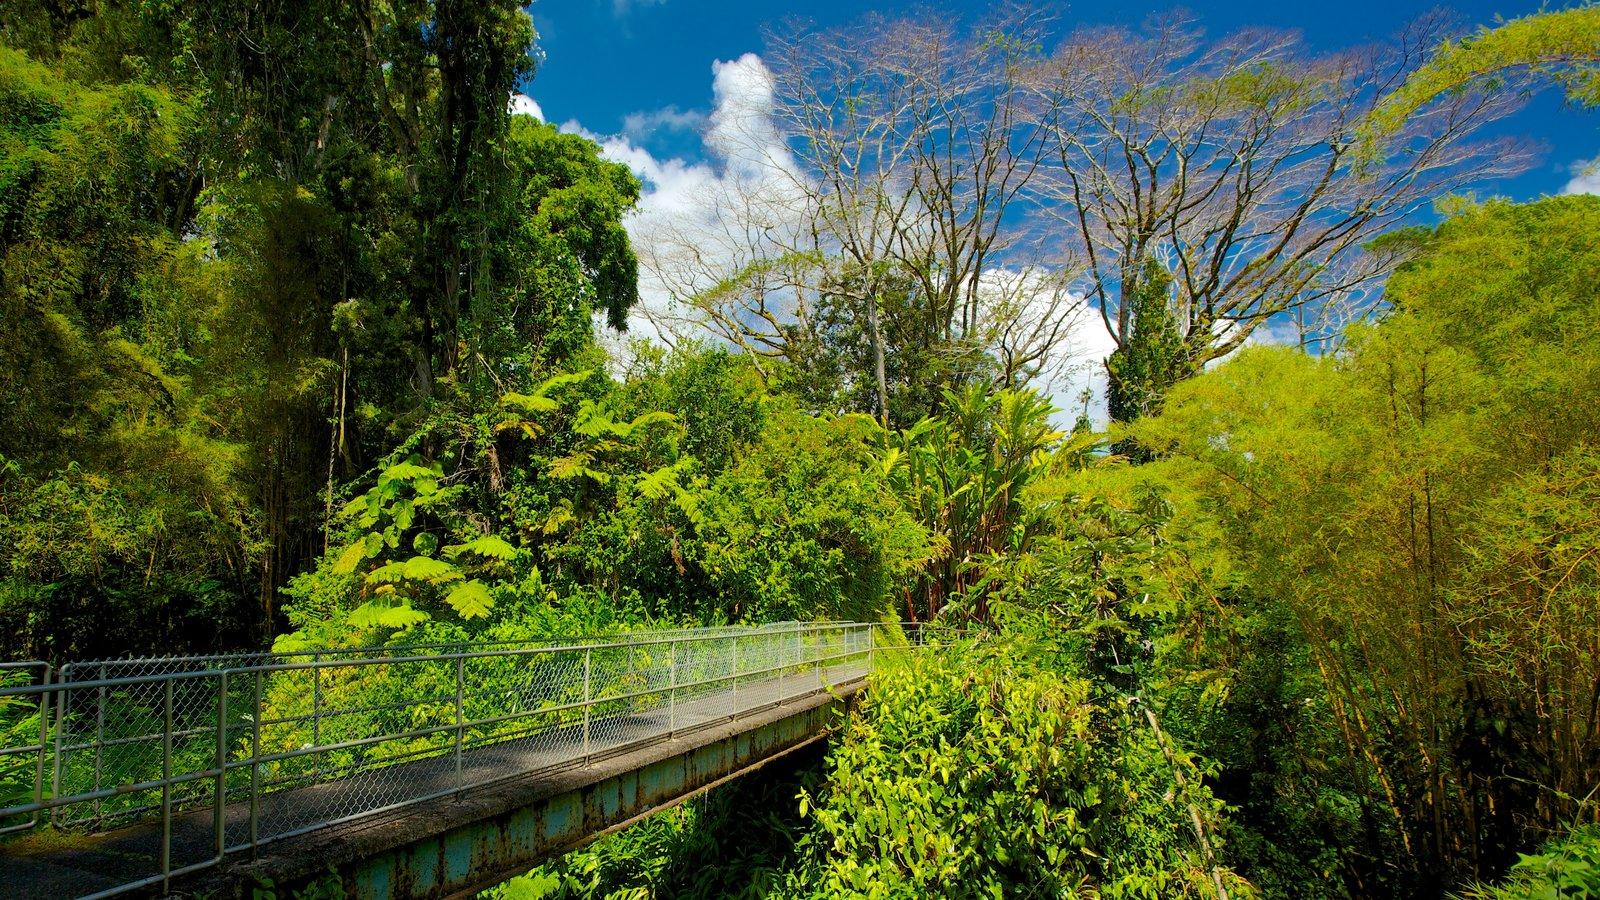 Akaka Falls mostrando bosques, un puente y vistas de paisajes